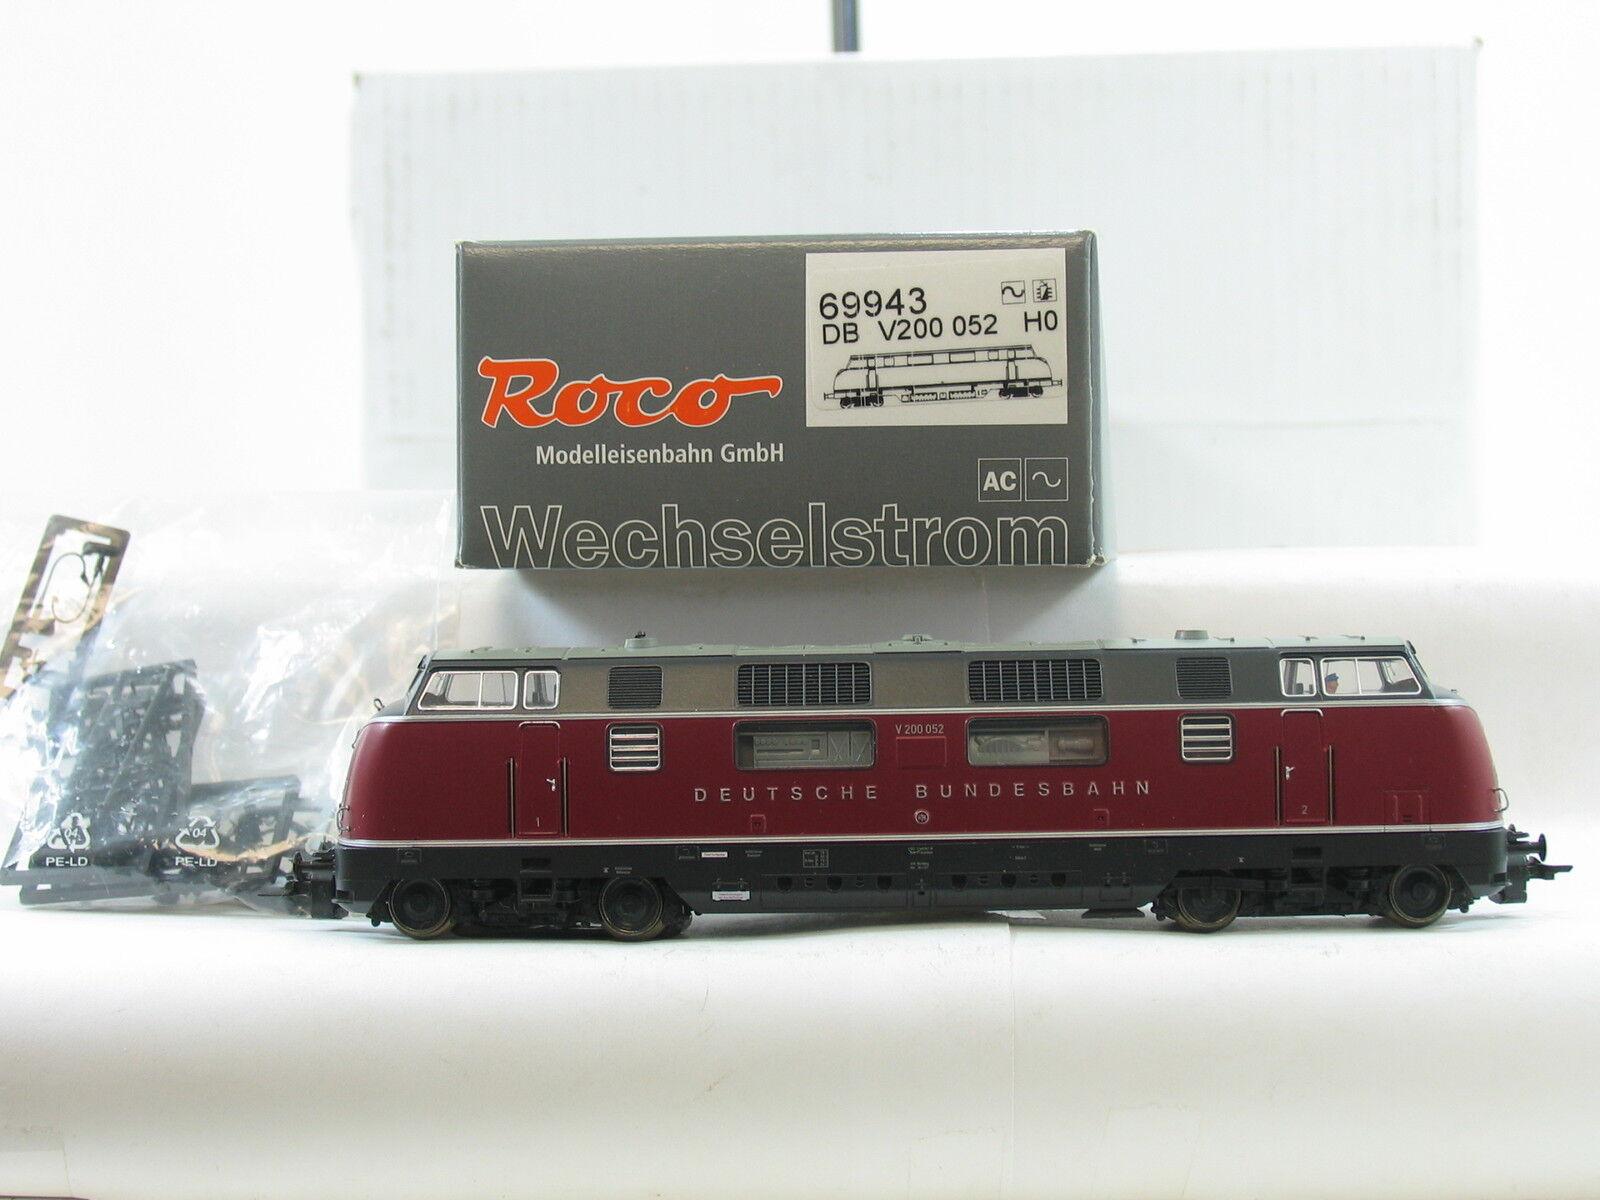 ROCO h0 AC 69943 DIESEL Digital v200 052 DB OVP  y1883